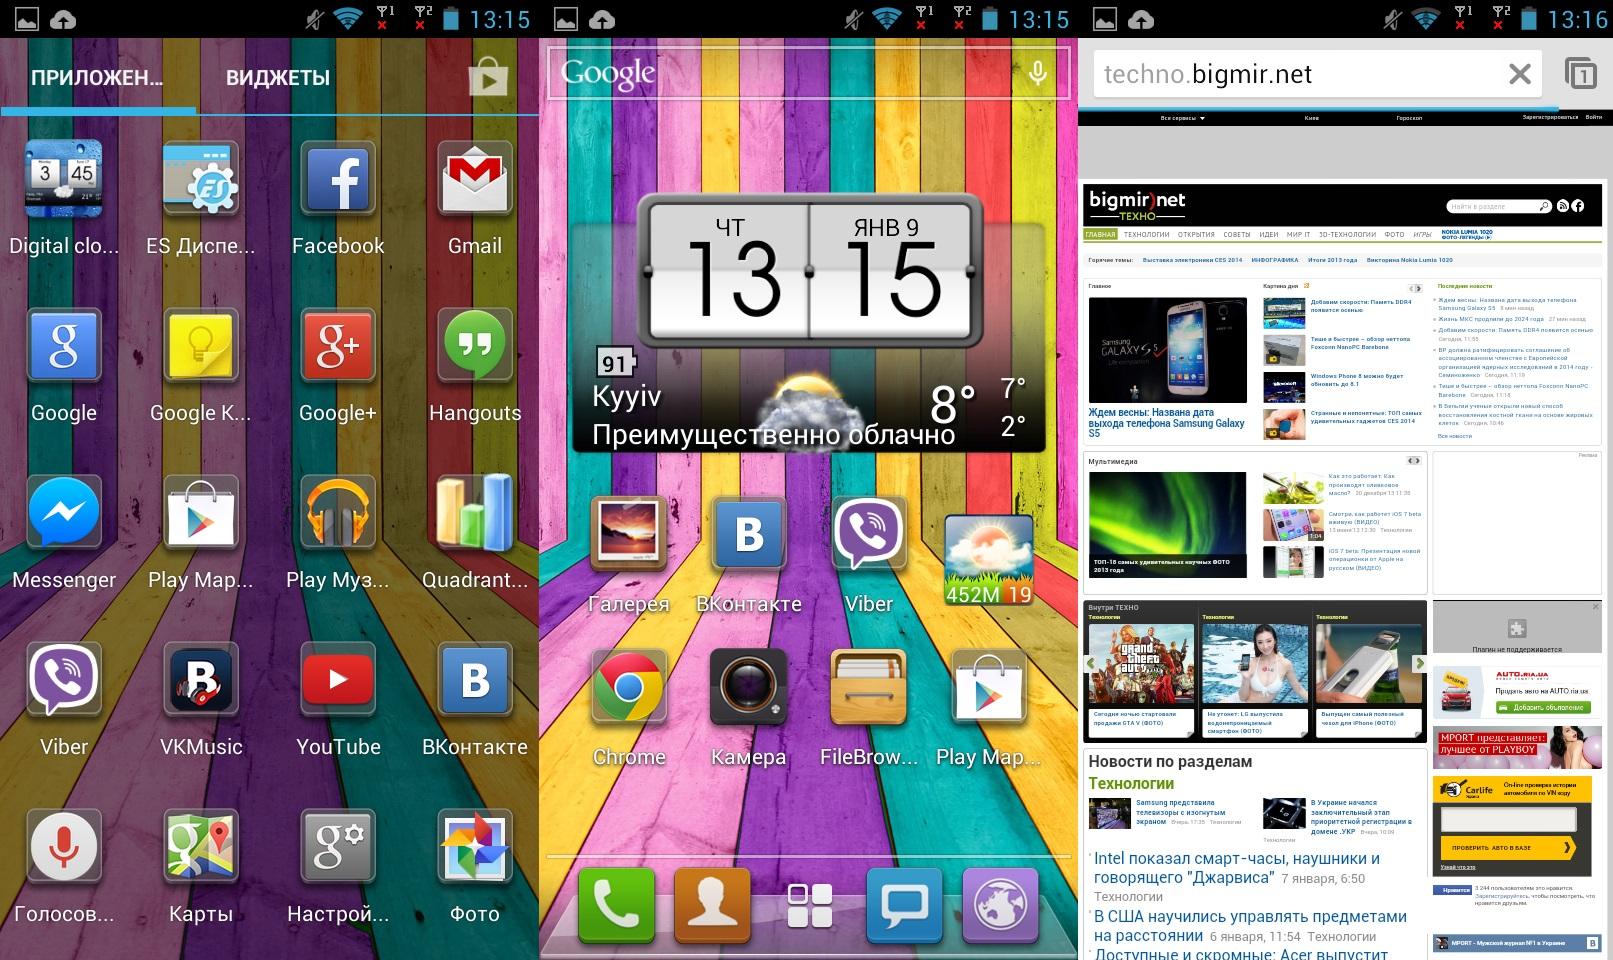 iconBIT NetTab Mercury Q4 - оболочка. Android 4.1 и слегка кастомизированная оболочка.